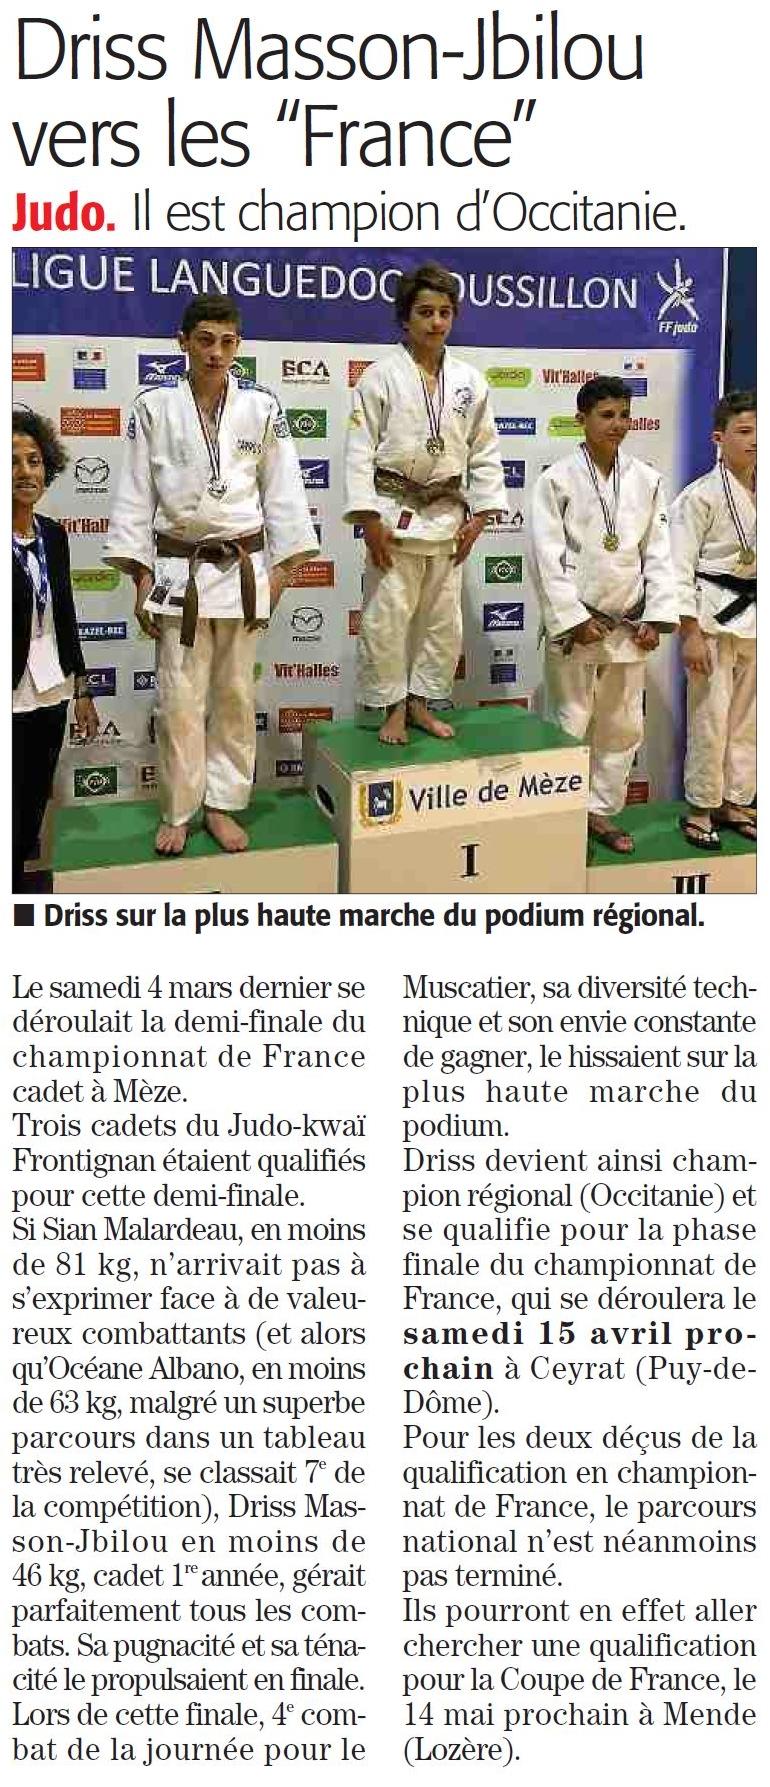 04 Avril 2017 (Midi Libre): Résultats Cadet(te)s et Qualification Championnat de France, Driss Masson Jbilou